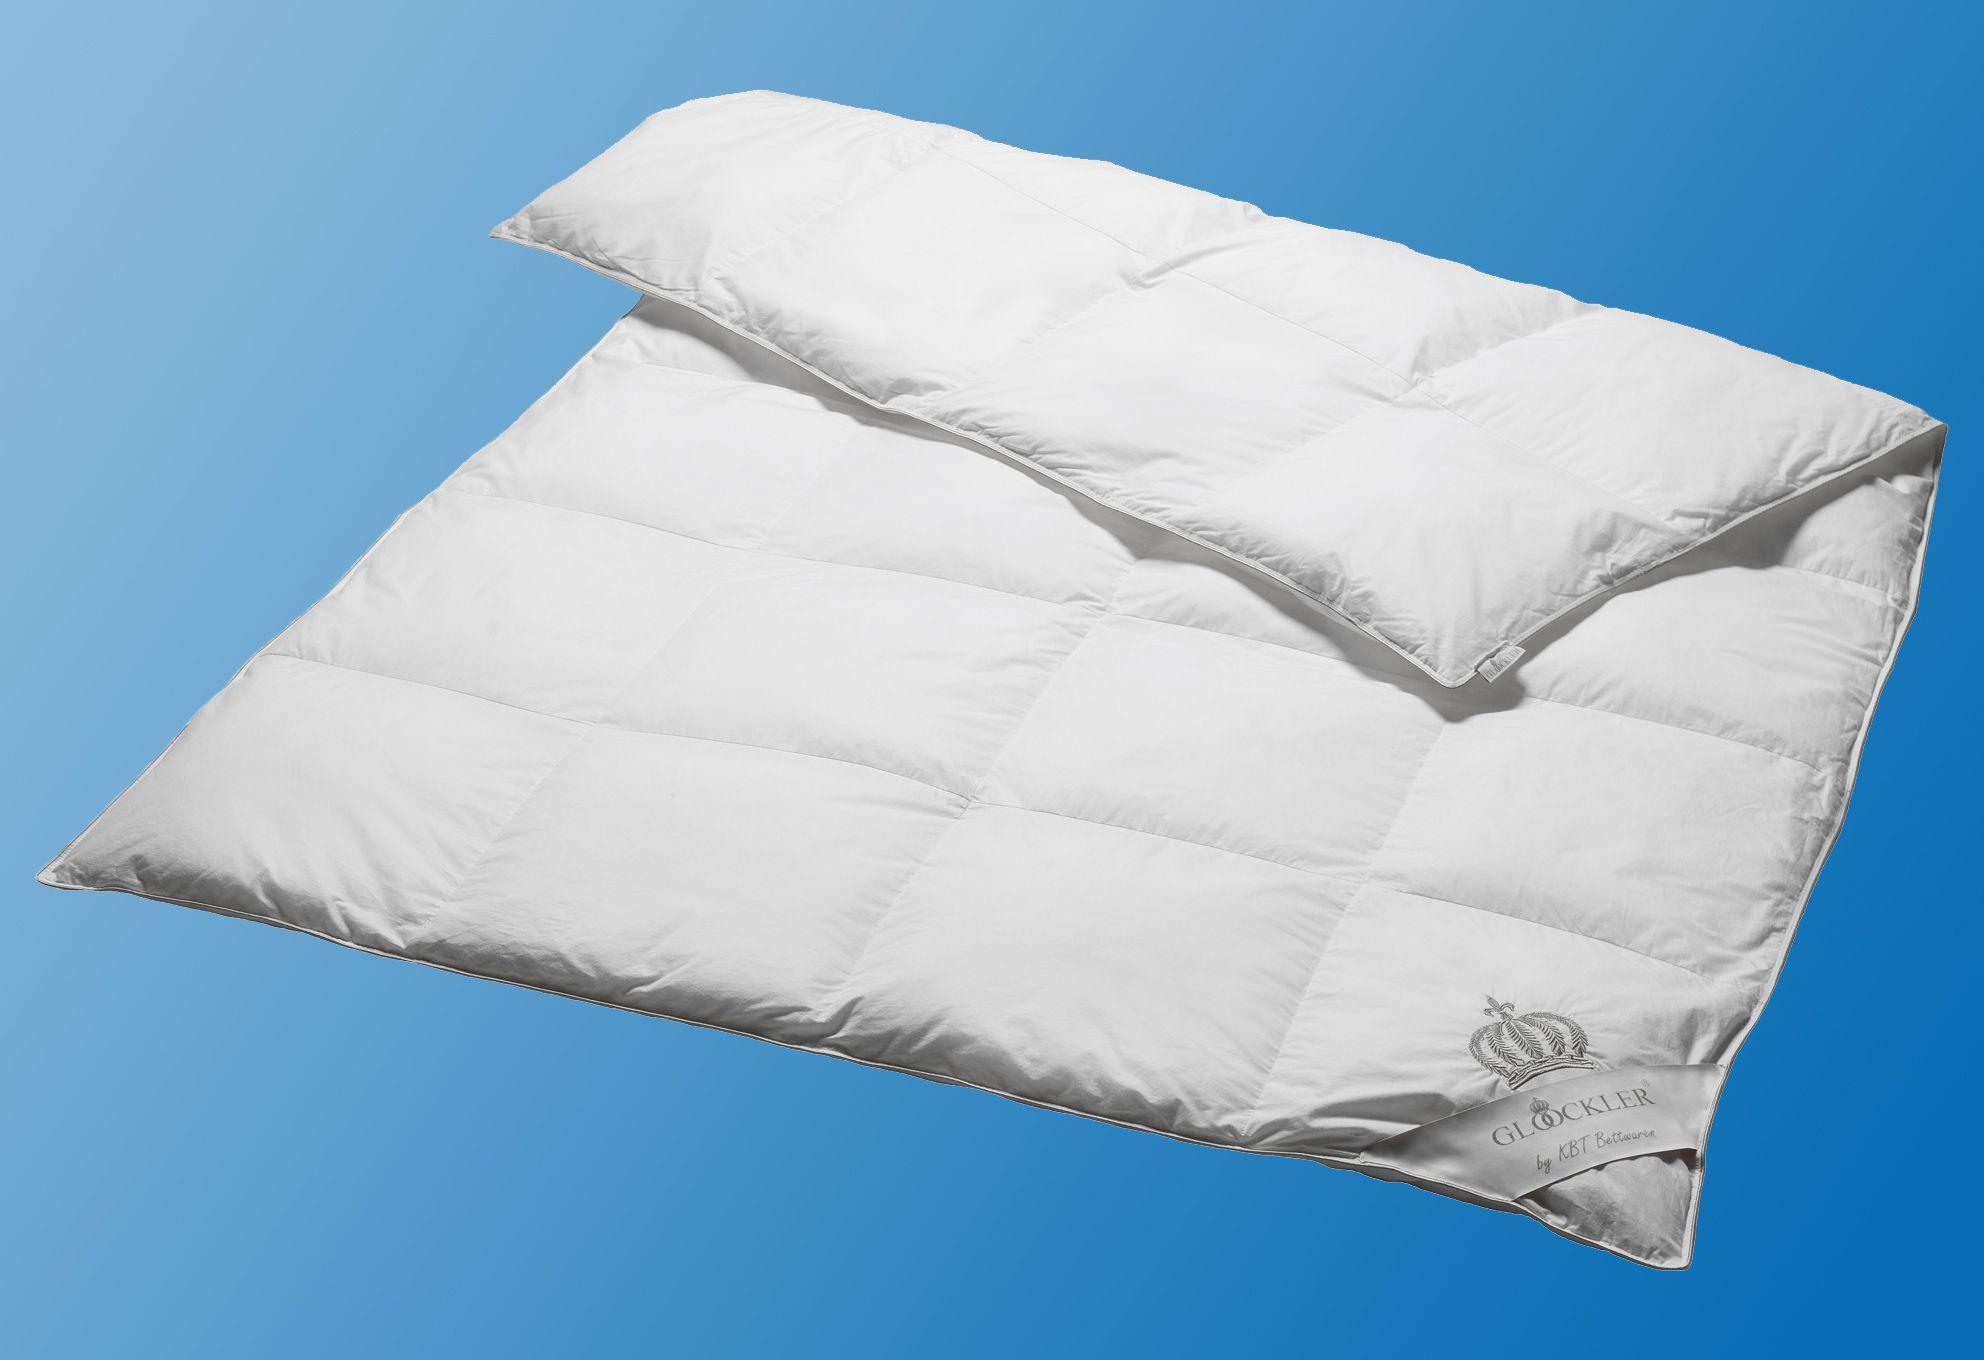 GLÖÖCKLER BY KBT BETTWAREN Daunenbettdecke Glööckler by KBT Bettwaren Platin, Warm, 60% Daunen, 40% Federn